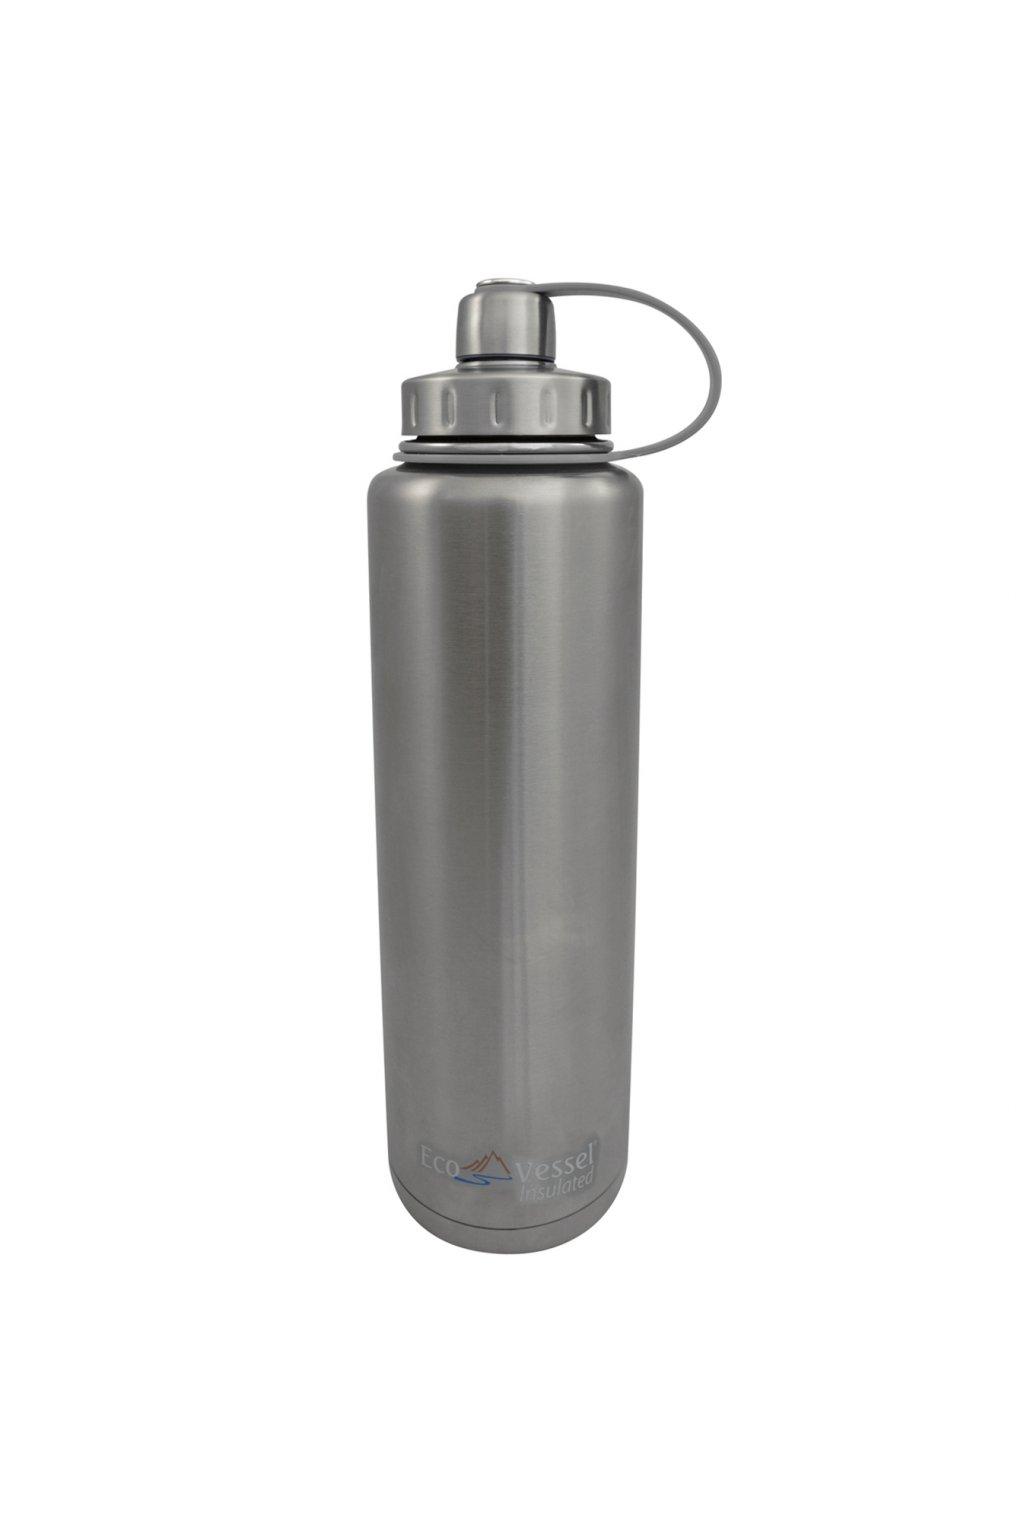 Nerezová termo láhev na turistiku Eco Vessel 1300 ml stříbrná